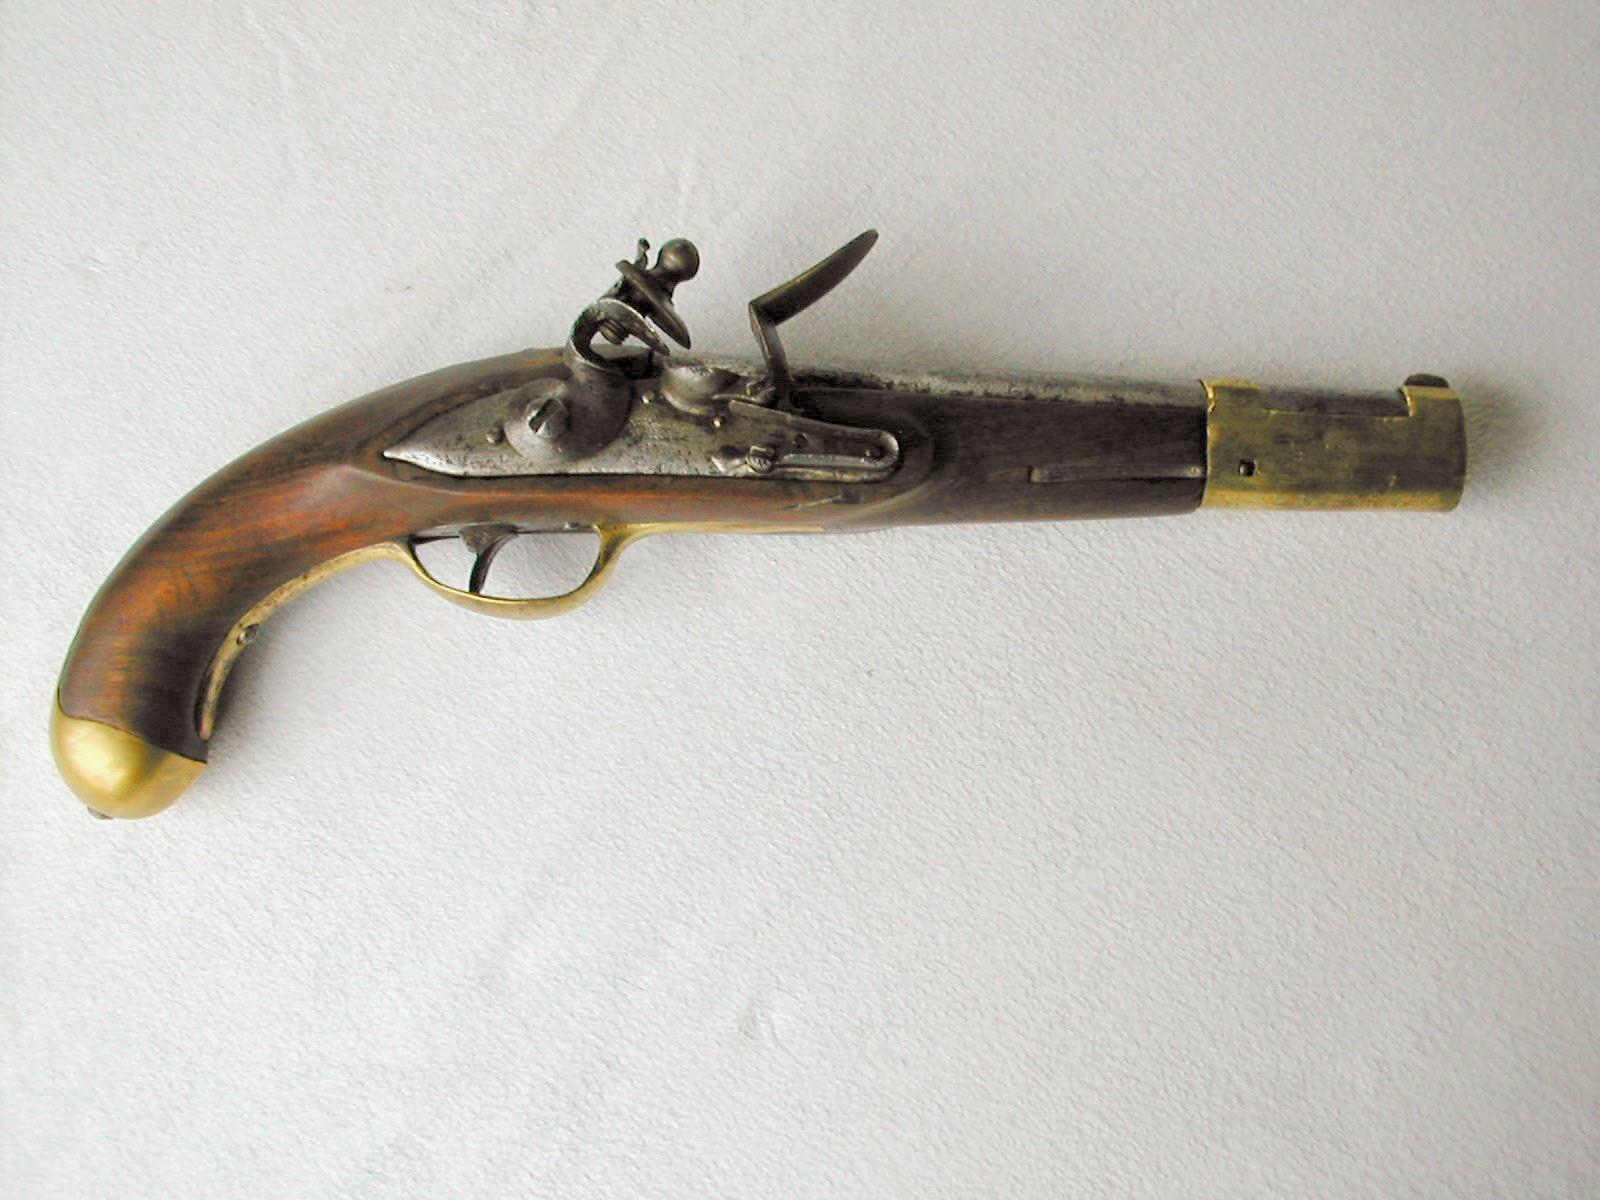 Antique weapons nederlandse vuursteen pistolen ca 1800 for De pagter antiek interieur b v